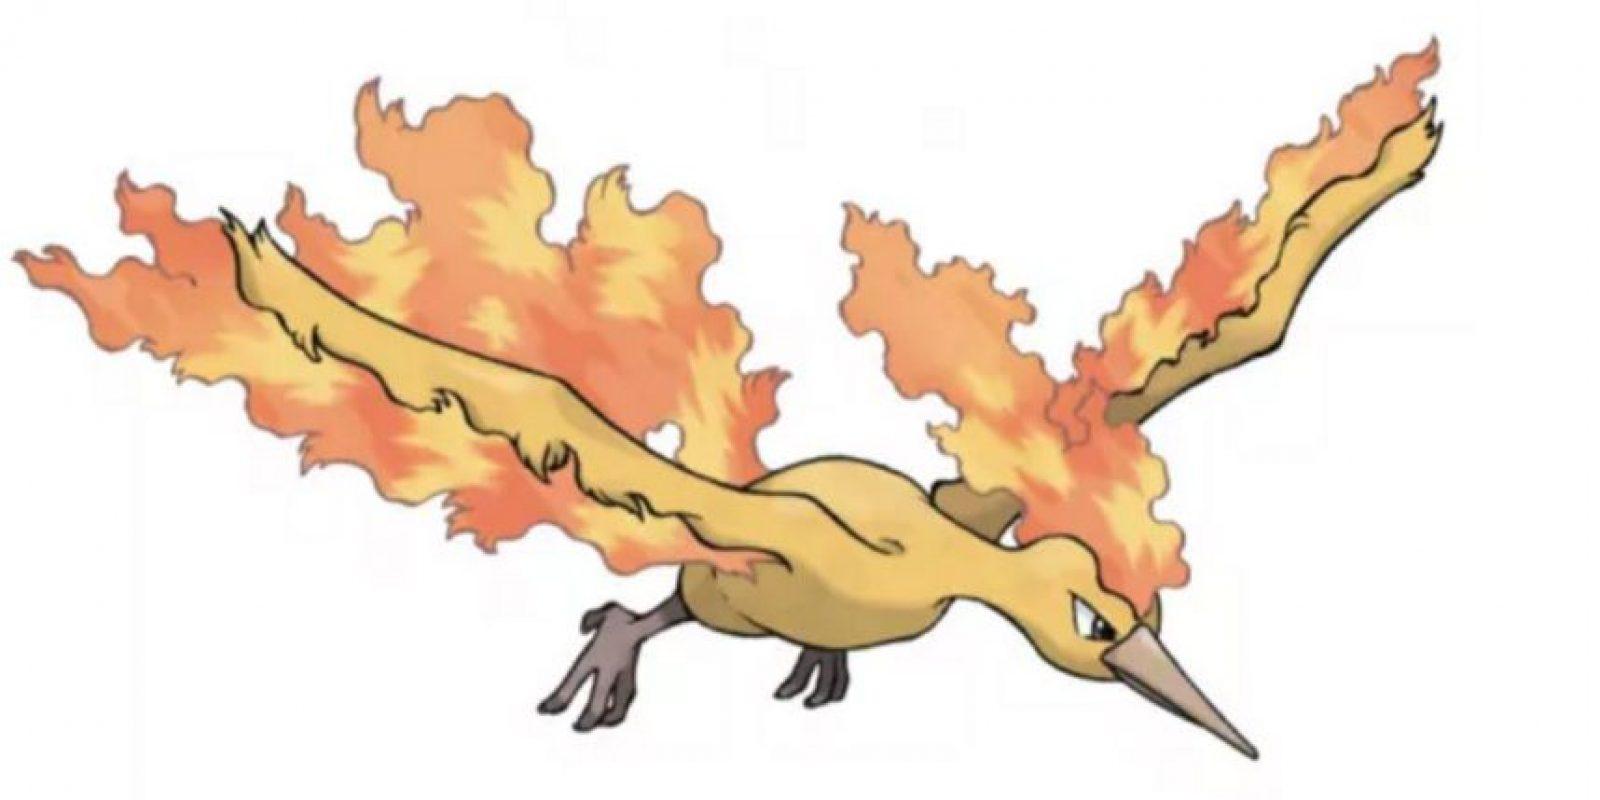 3.- Moltres, emblema del equipo rojo y ave legendaria. Foto:Pokémon. Imagen Por: